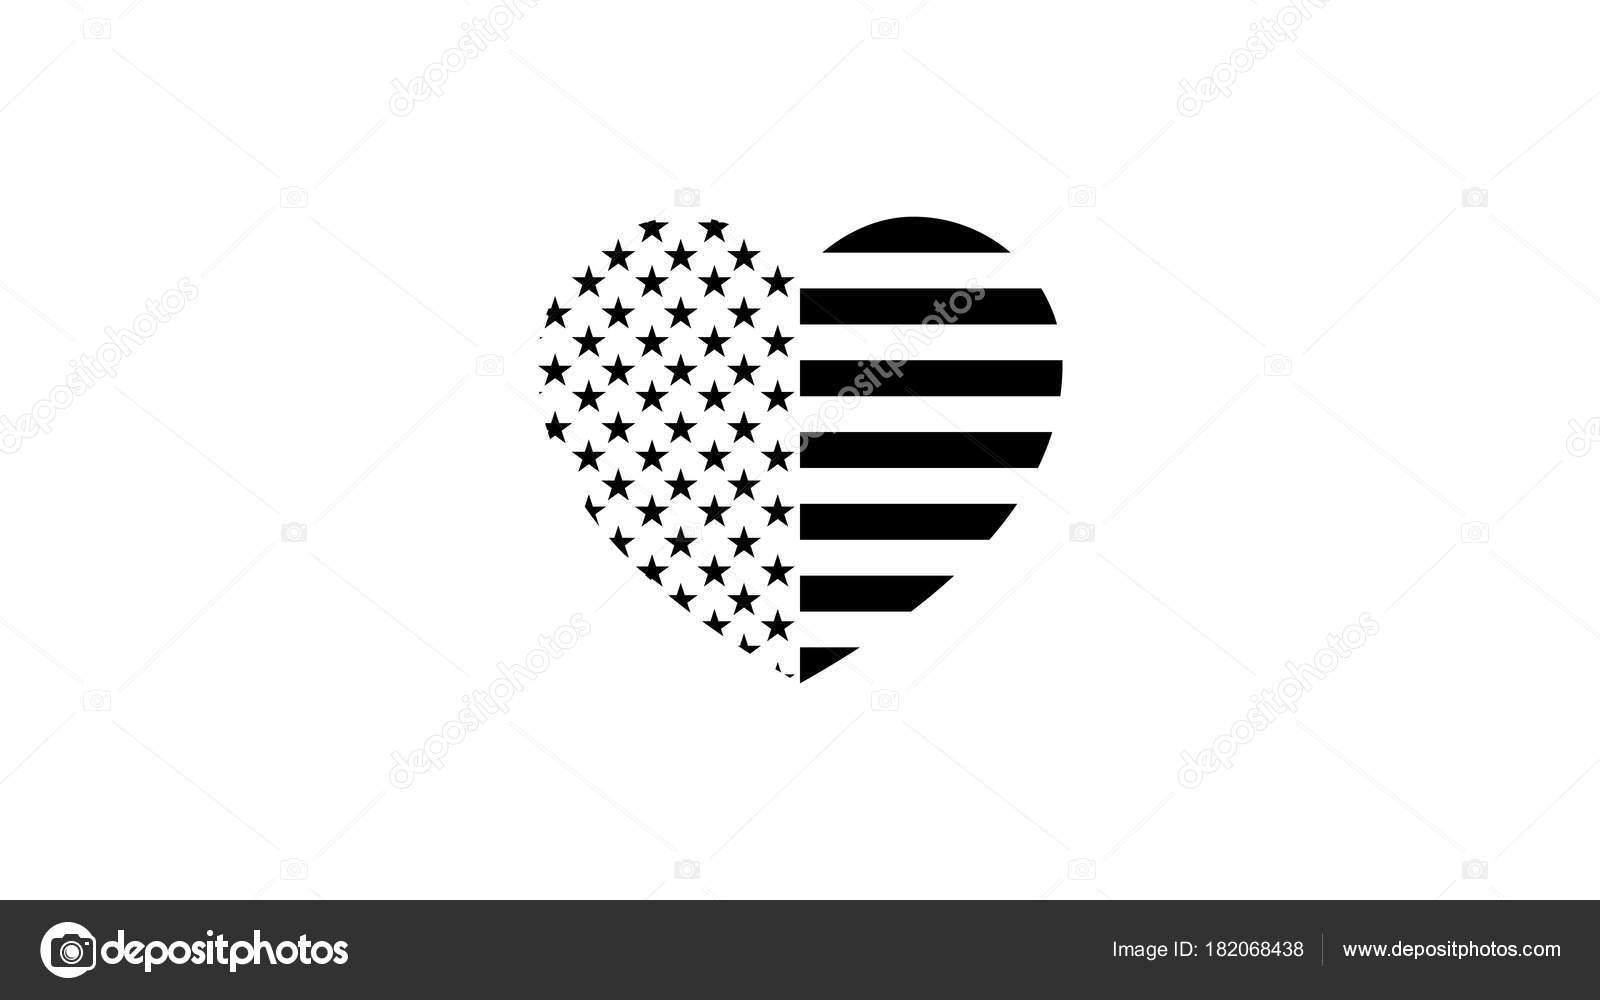 stylische, schwarze und weiße Flagge der Vereinigten Staaten in Form ...